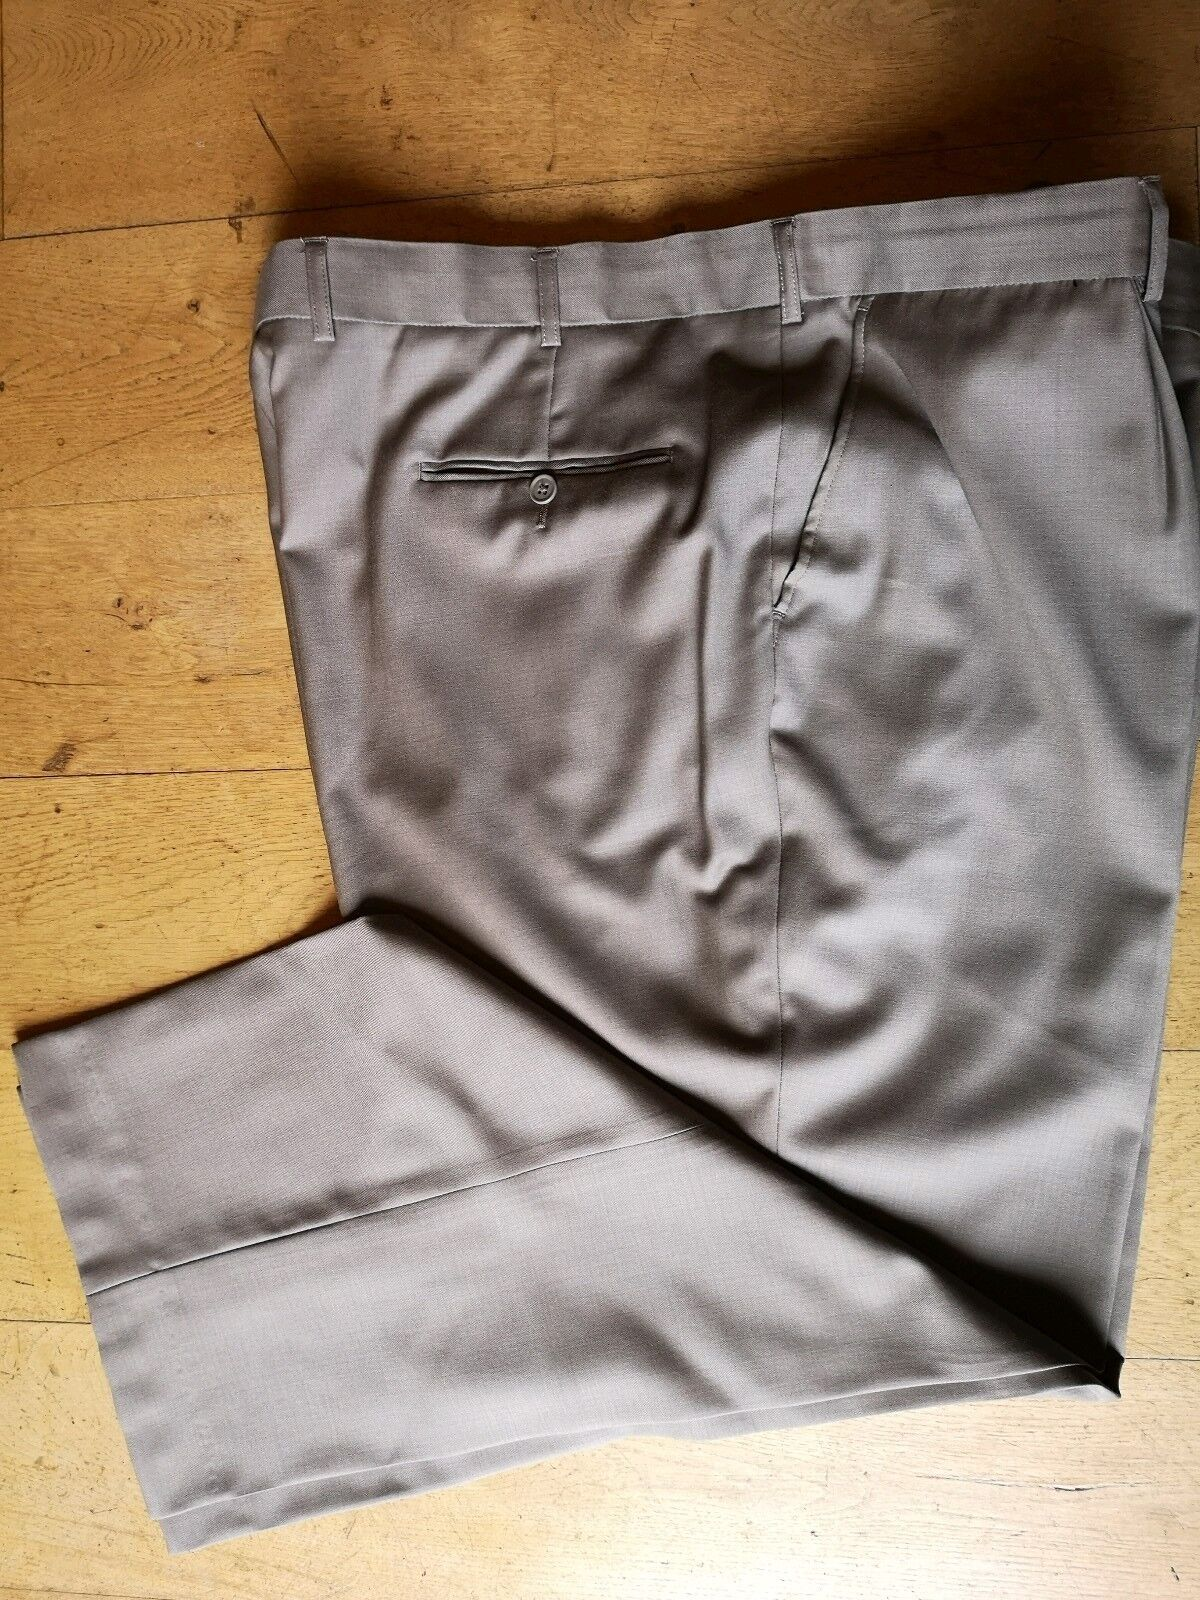 Pierre Cardin TROUSERS Formal Beige Wool Lined 46W 31L Regular Pleated Front 3XL